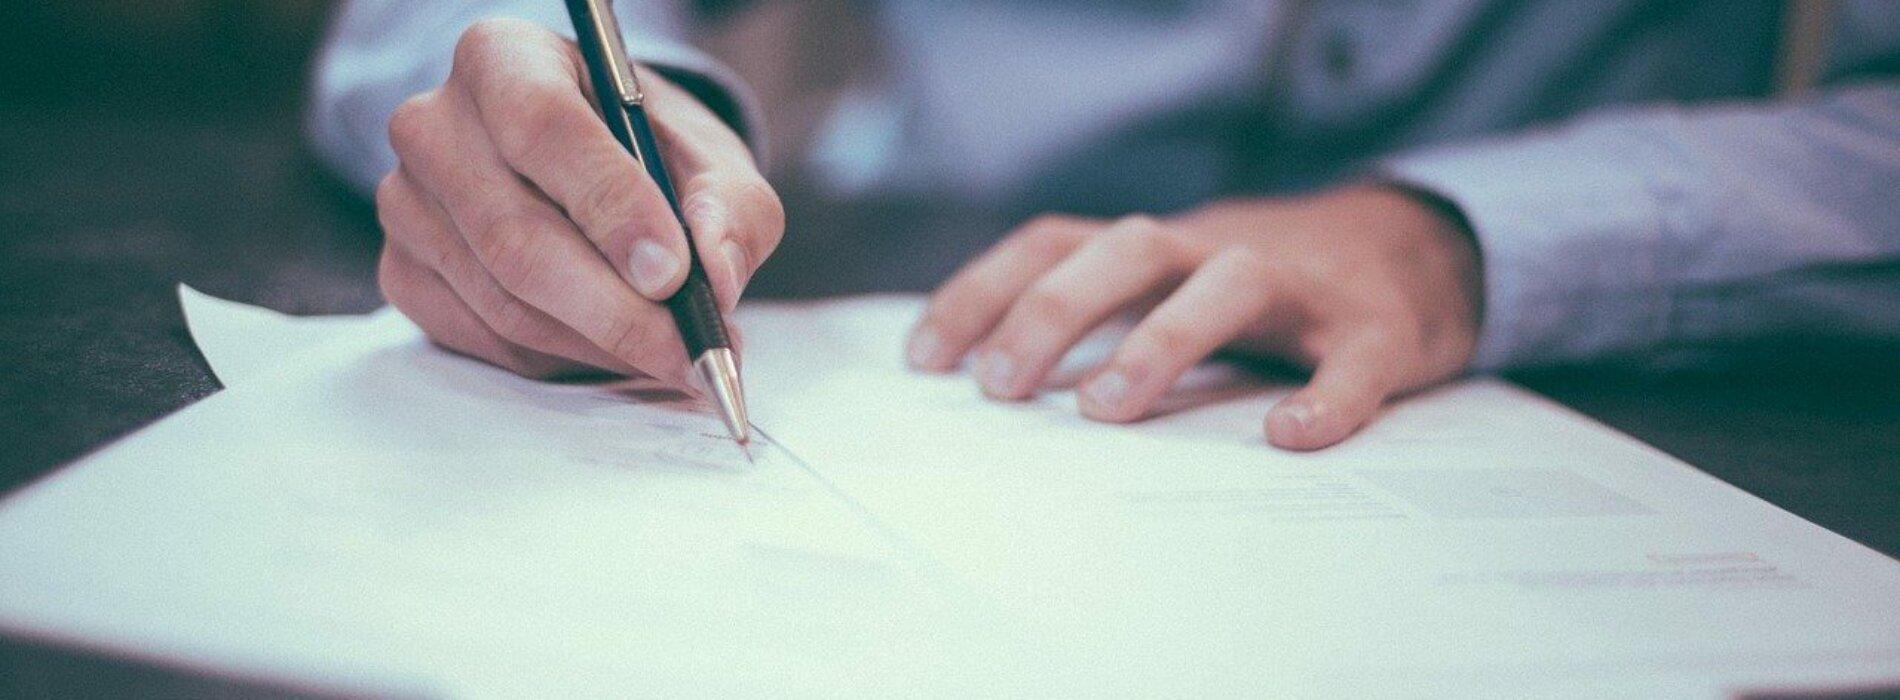 Początek roku przyniesie wiele nowych obciążeń dla firm. Część z nich dotknie również konsumentów